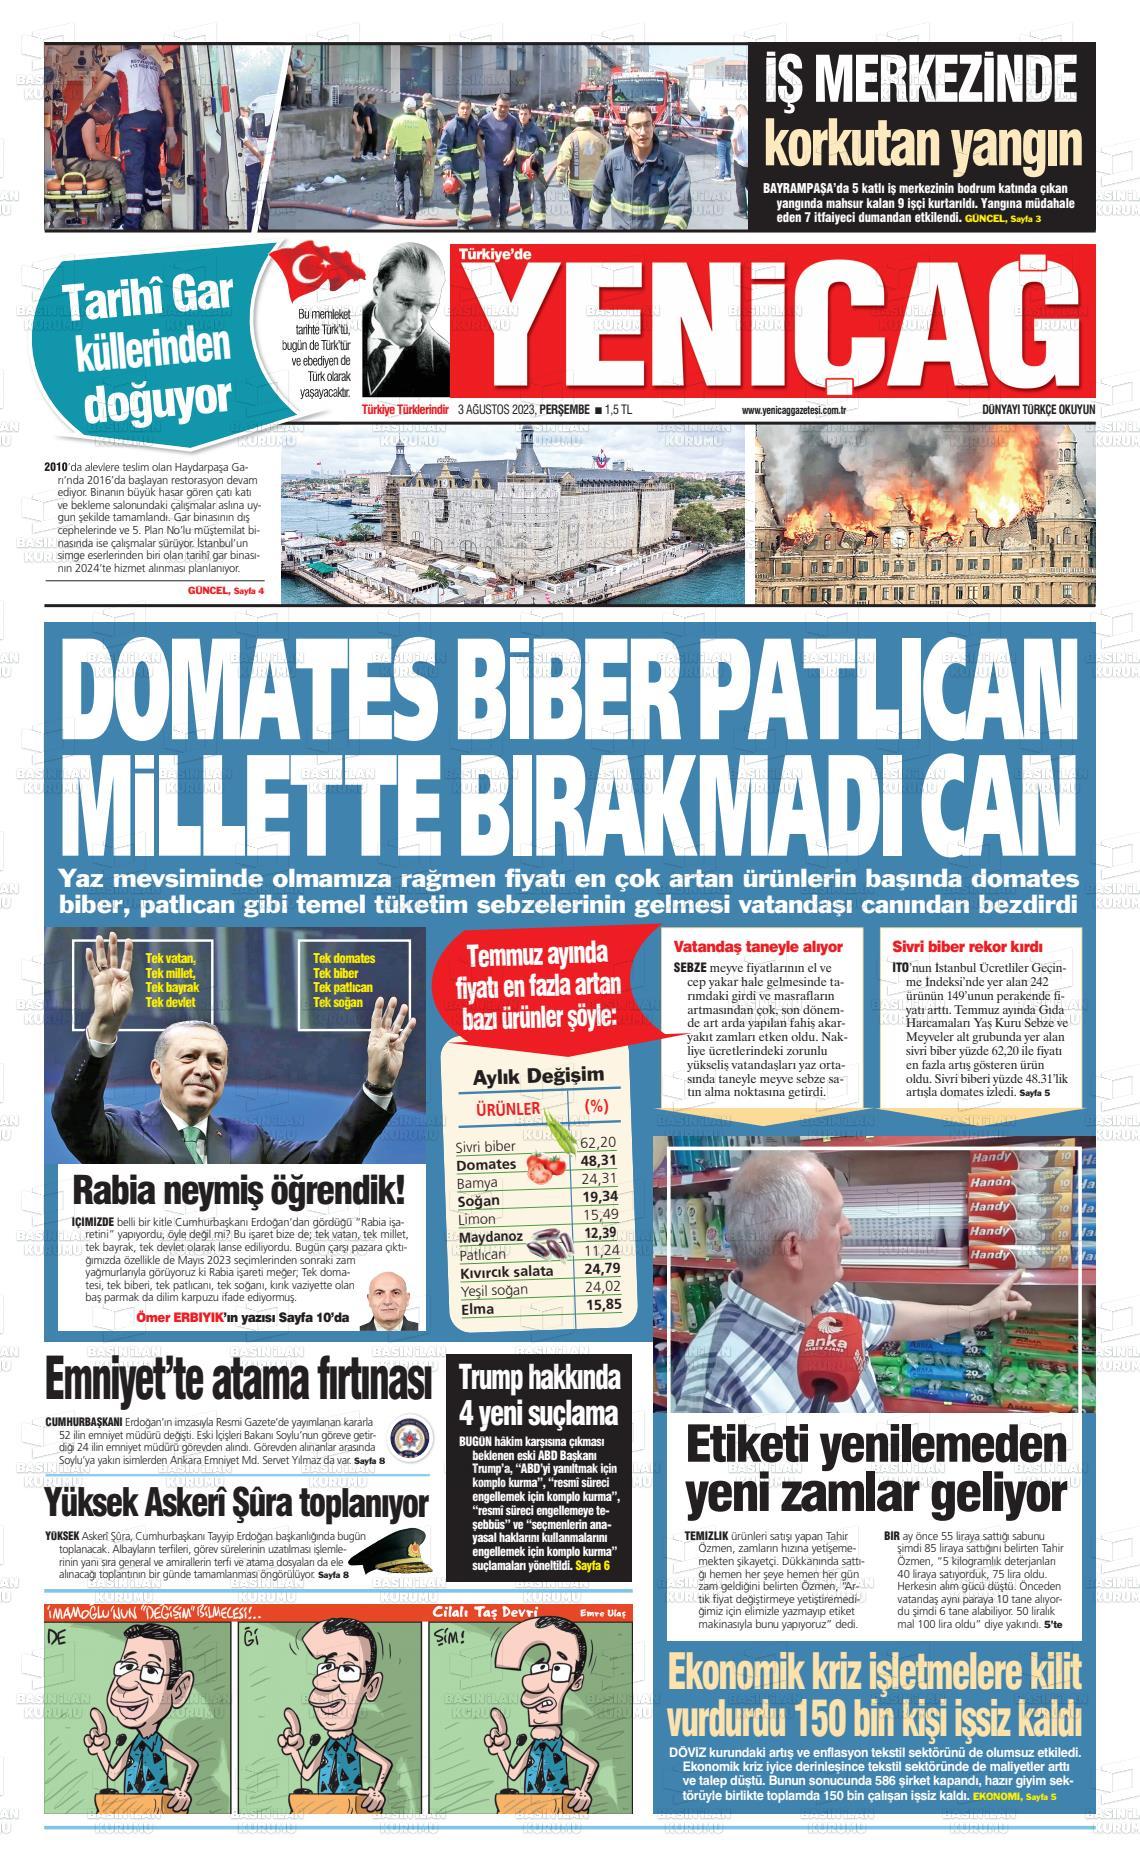 18.10.2017 tarihli Yeni Çağ gazetesinin 1. sayfası